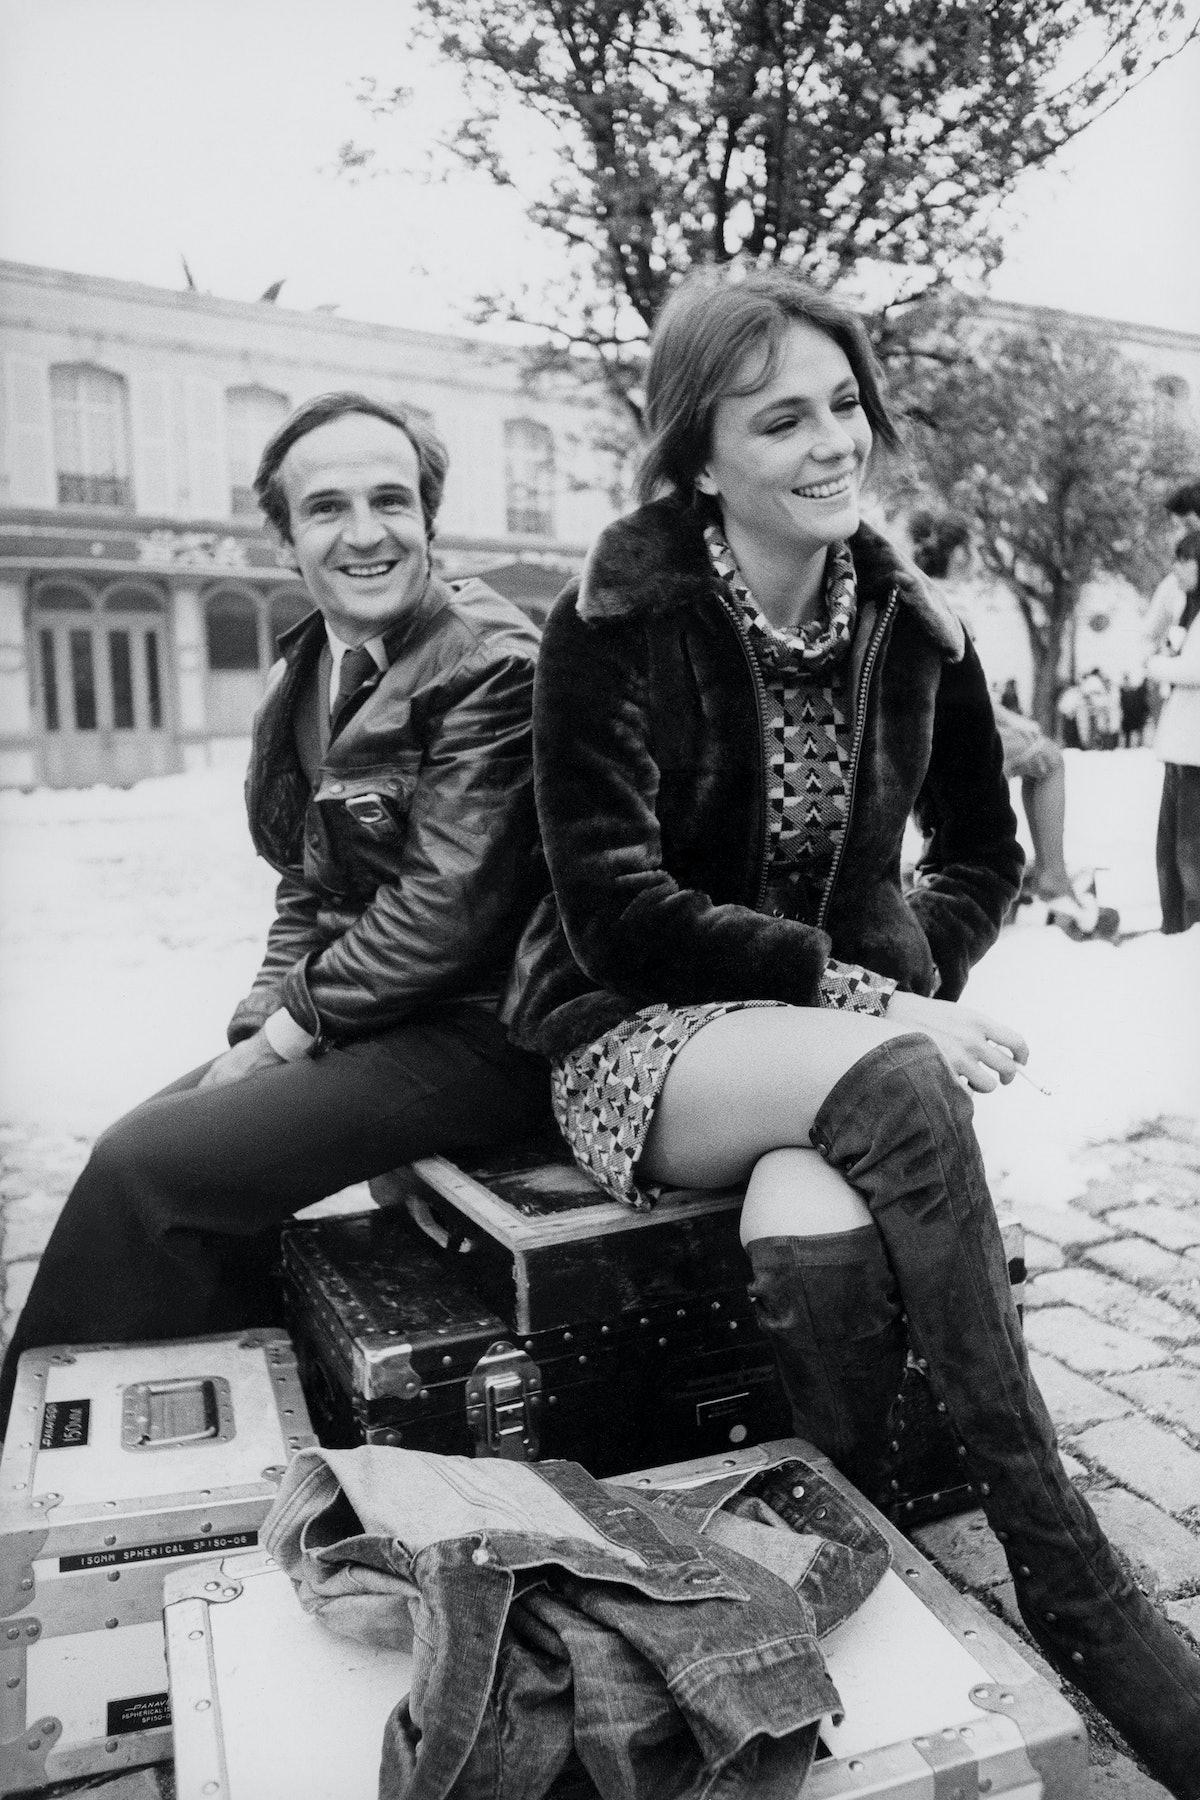 François Truffaut and Jacqueline Bisset